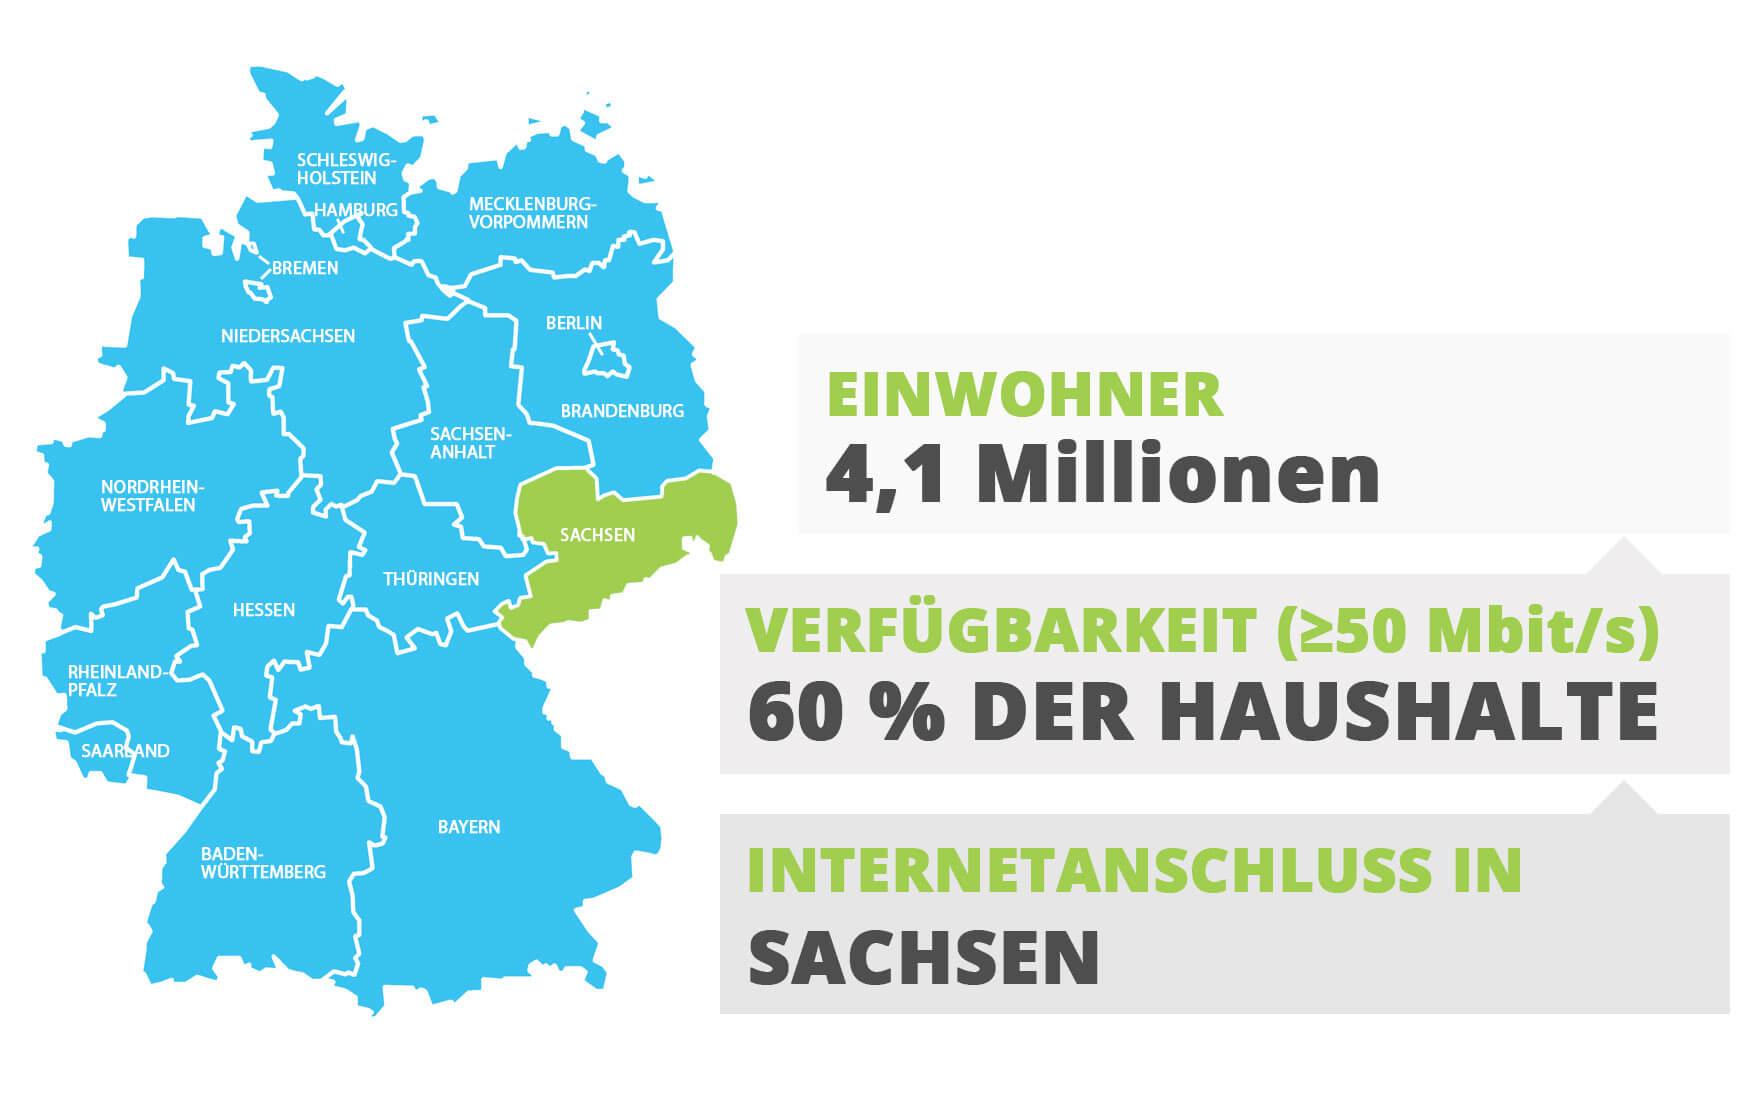 Internetanschluss in Sachsen